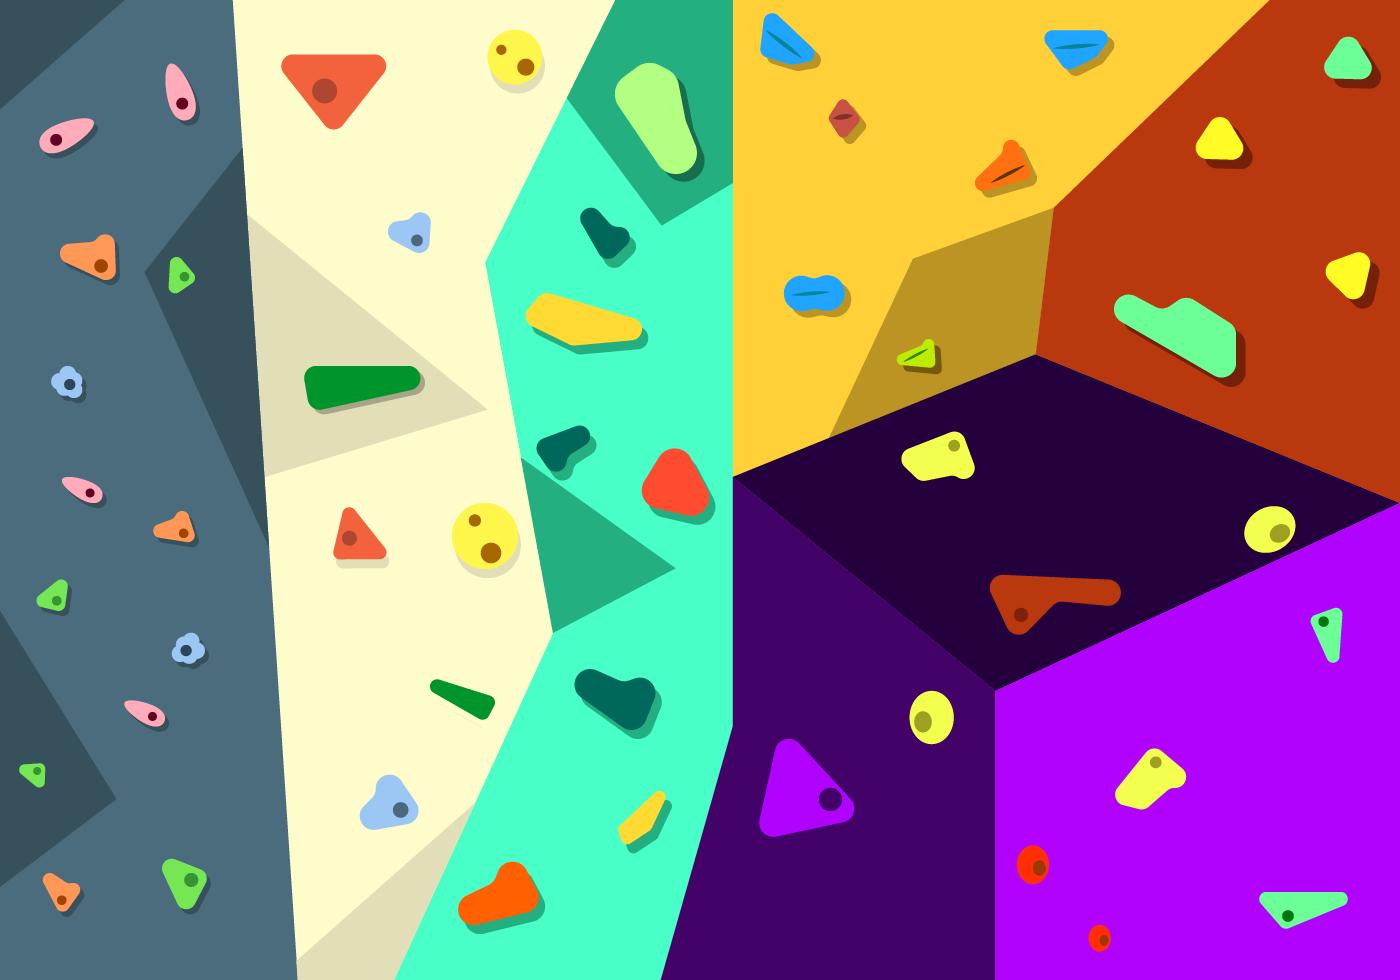 Kletterausrüstung Clipart : Freie kletterwand vektor kostenlose kunst archiv grafiken